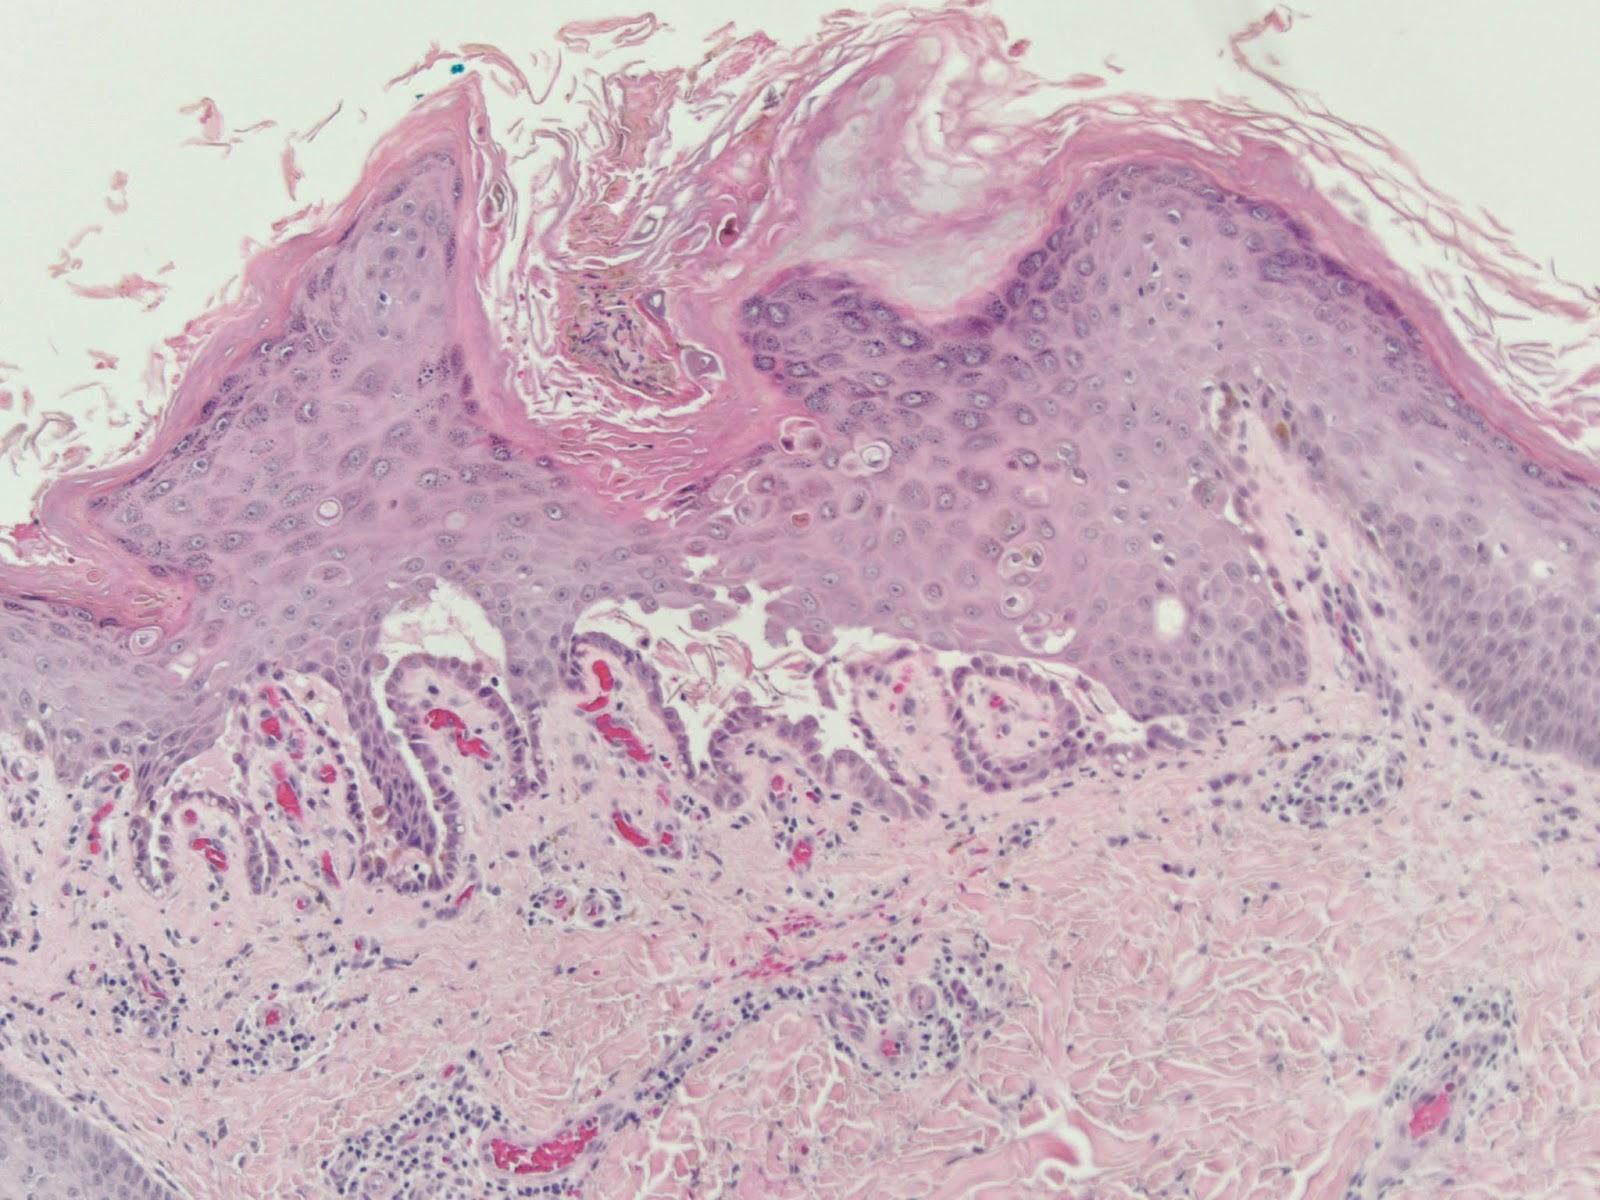 Hereditária medscape hemorrágica telangiectasia